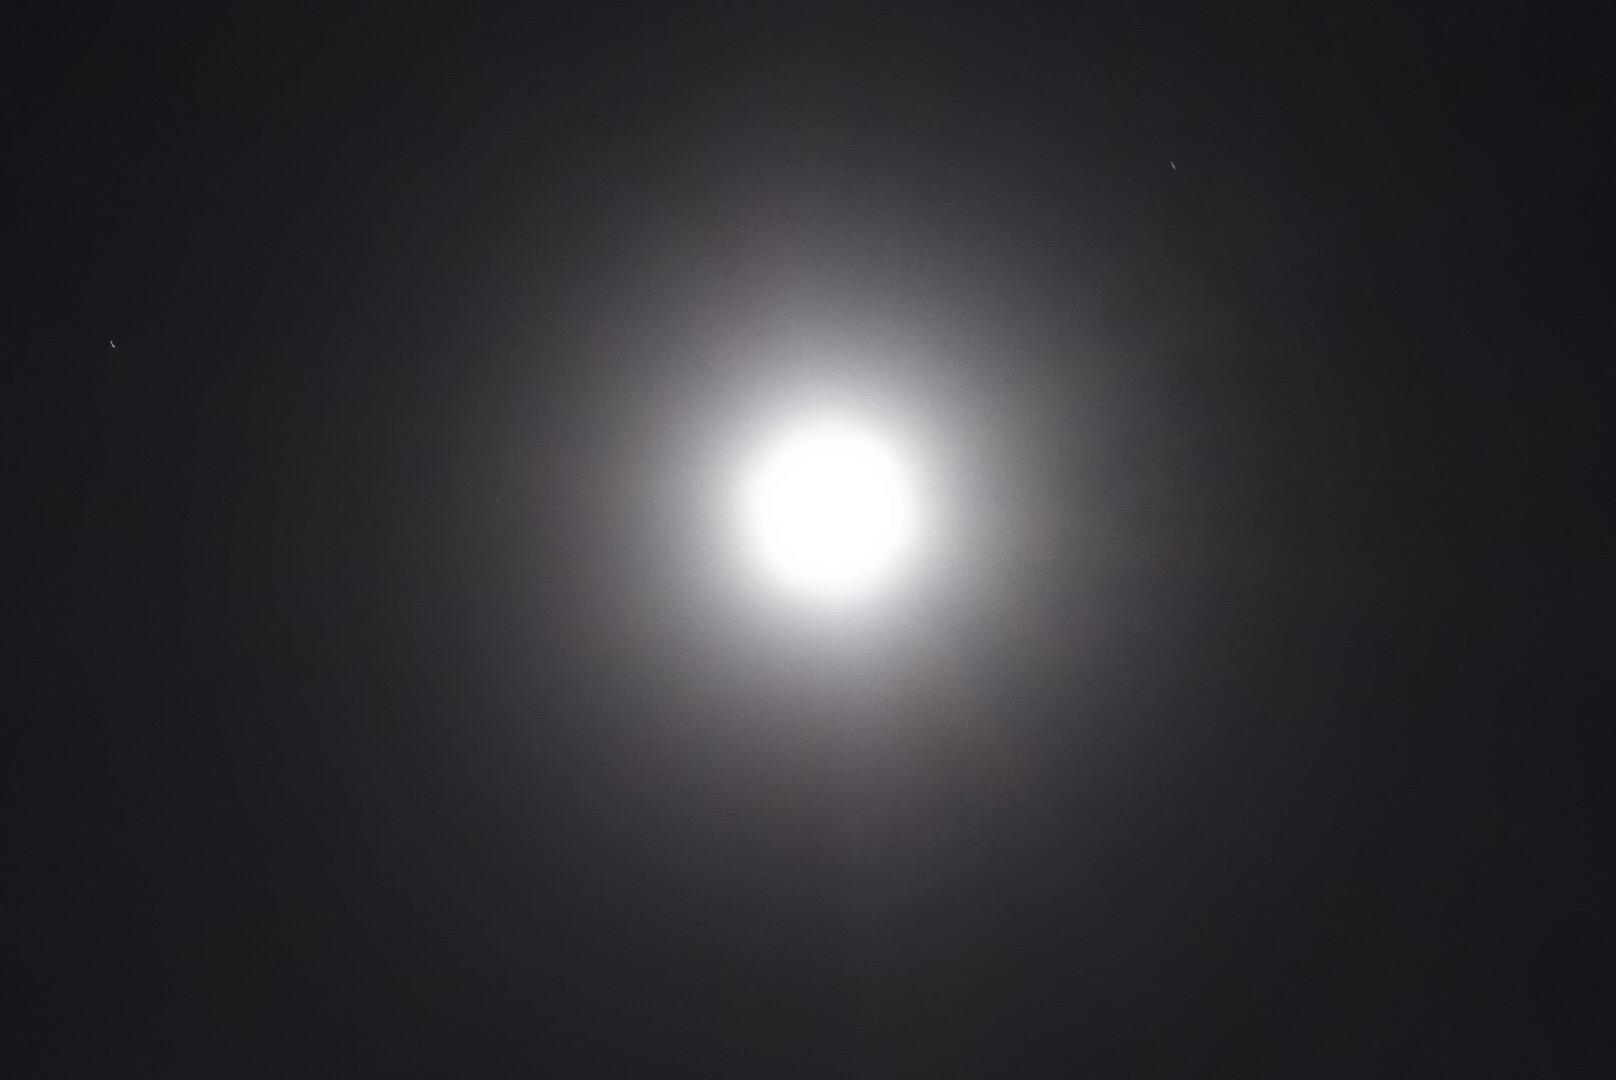 思いきり満月の光を浴びながら、覚醒遠隔ヒーリングを送りました♡